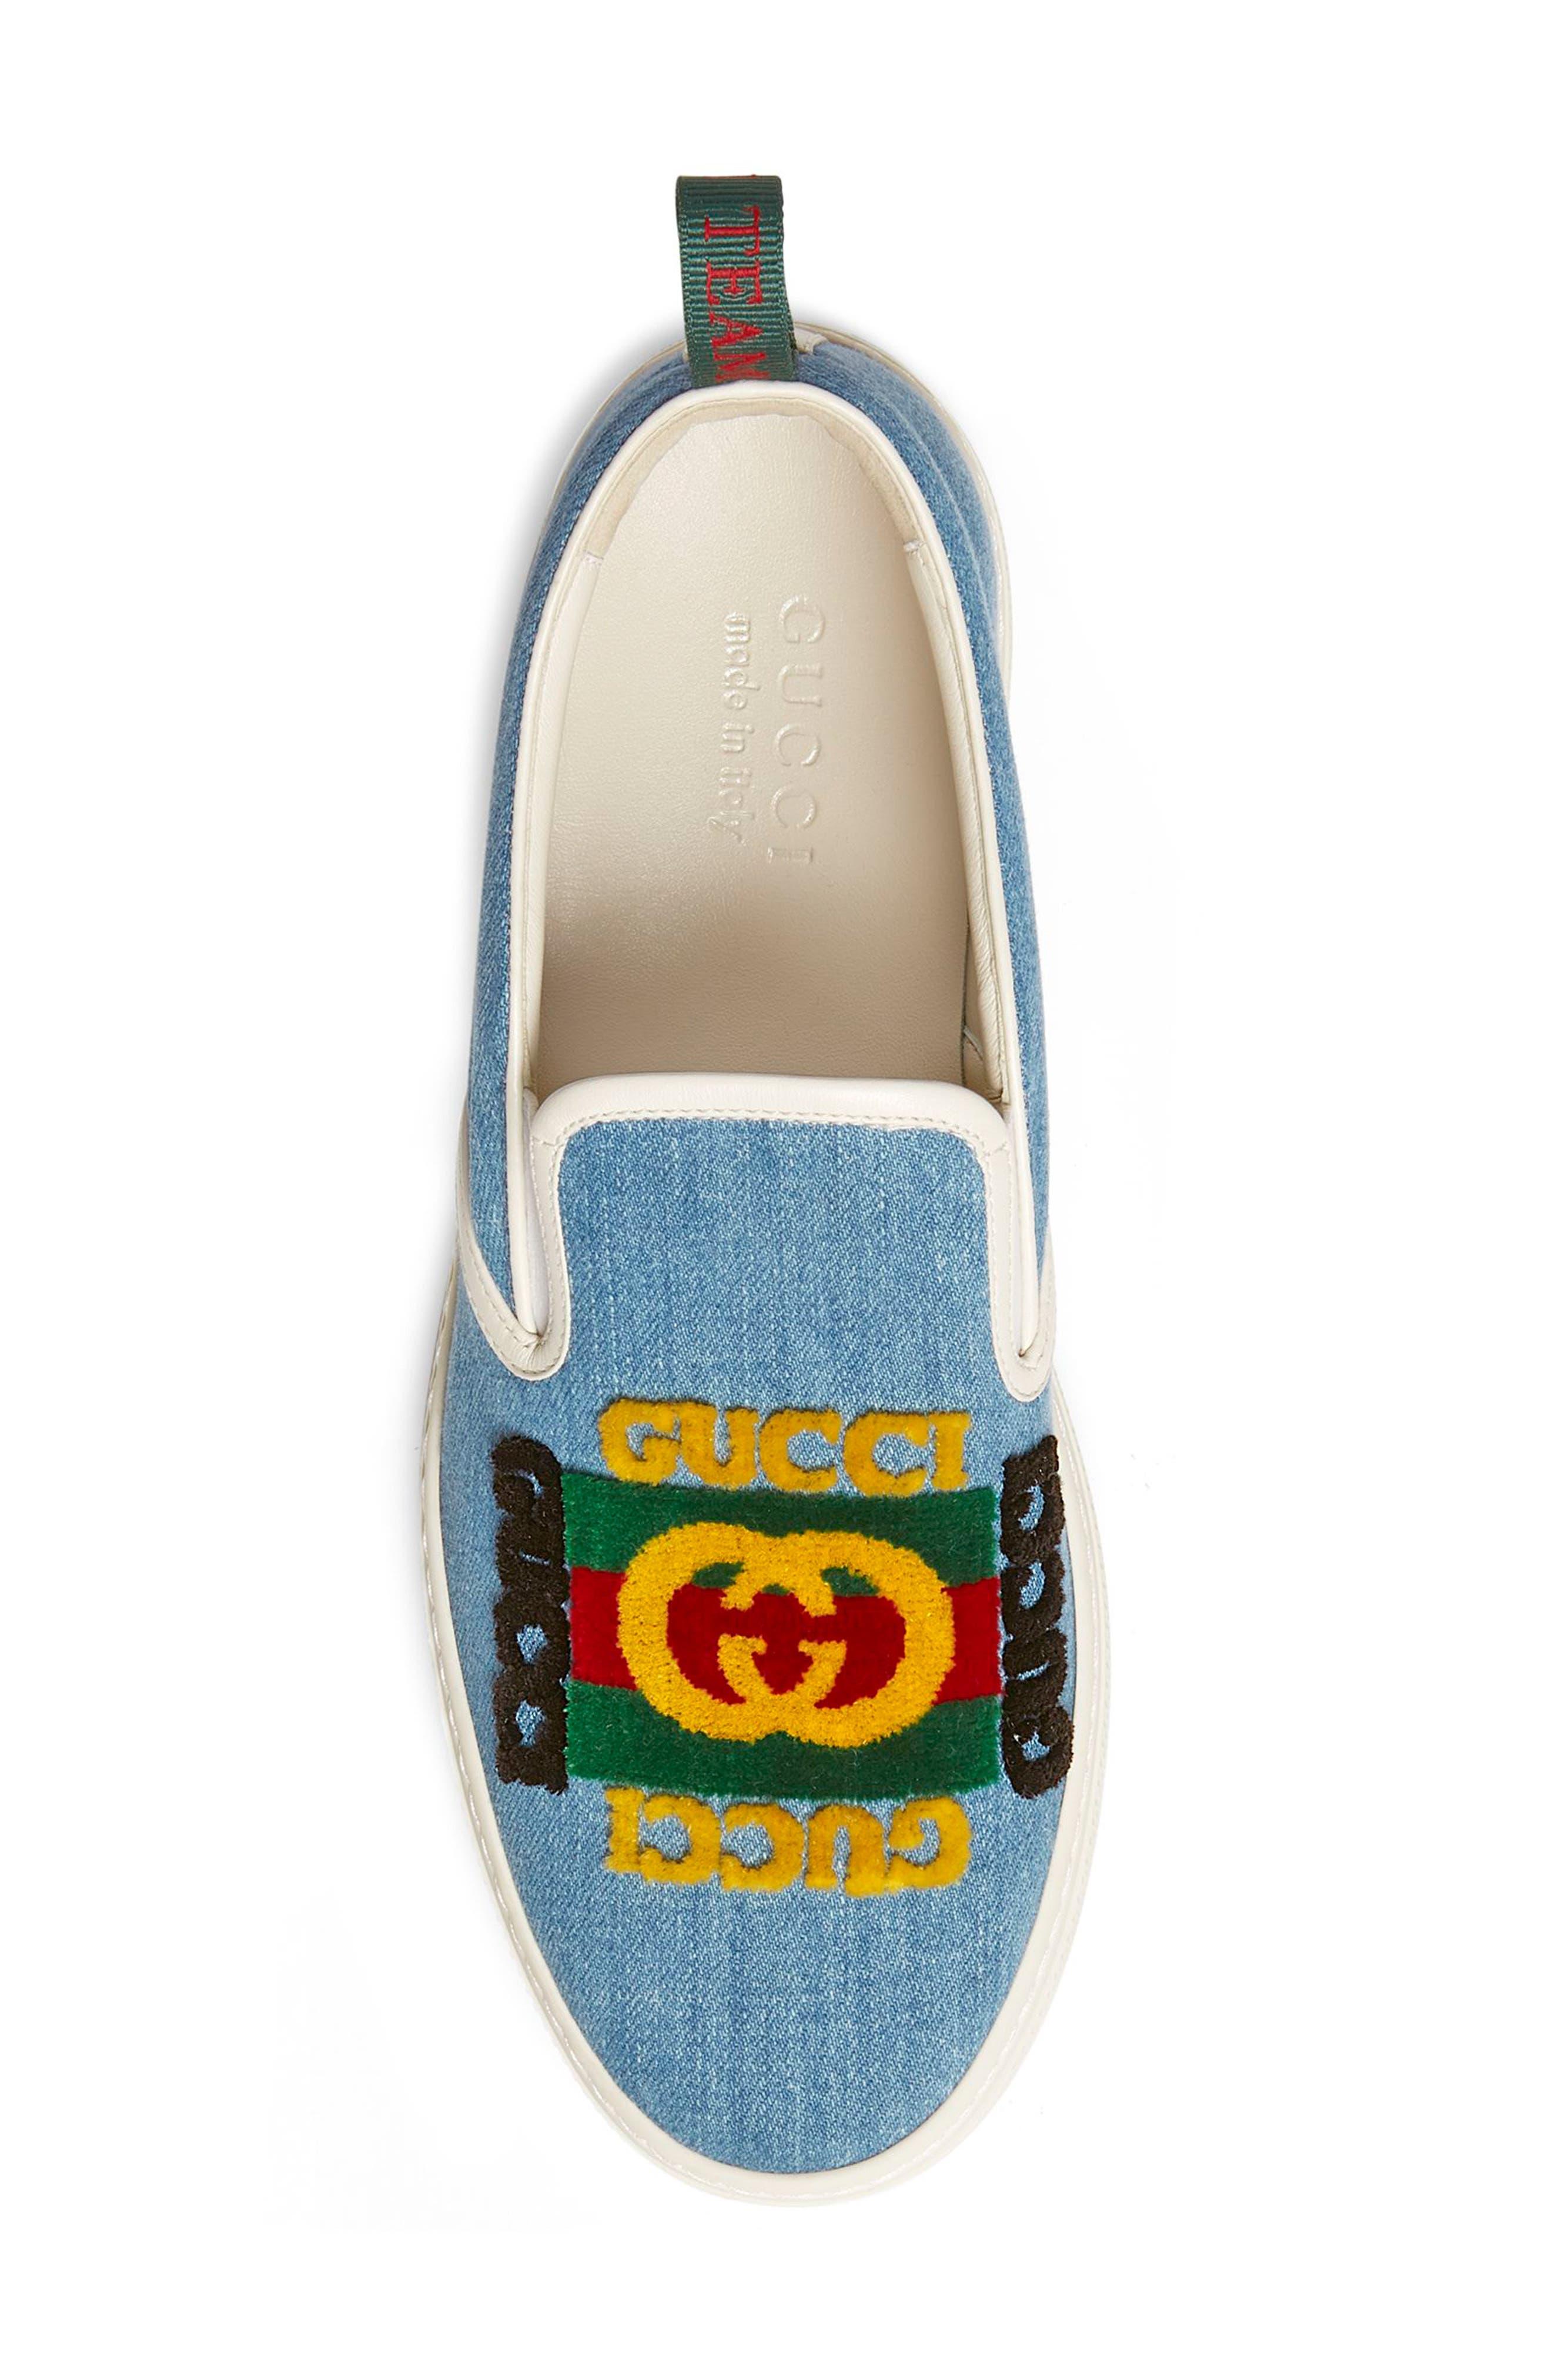 Dublin Slip-On Sneaker,                             Alternate thumbnail 3, color,                             BLUE/ BLACK